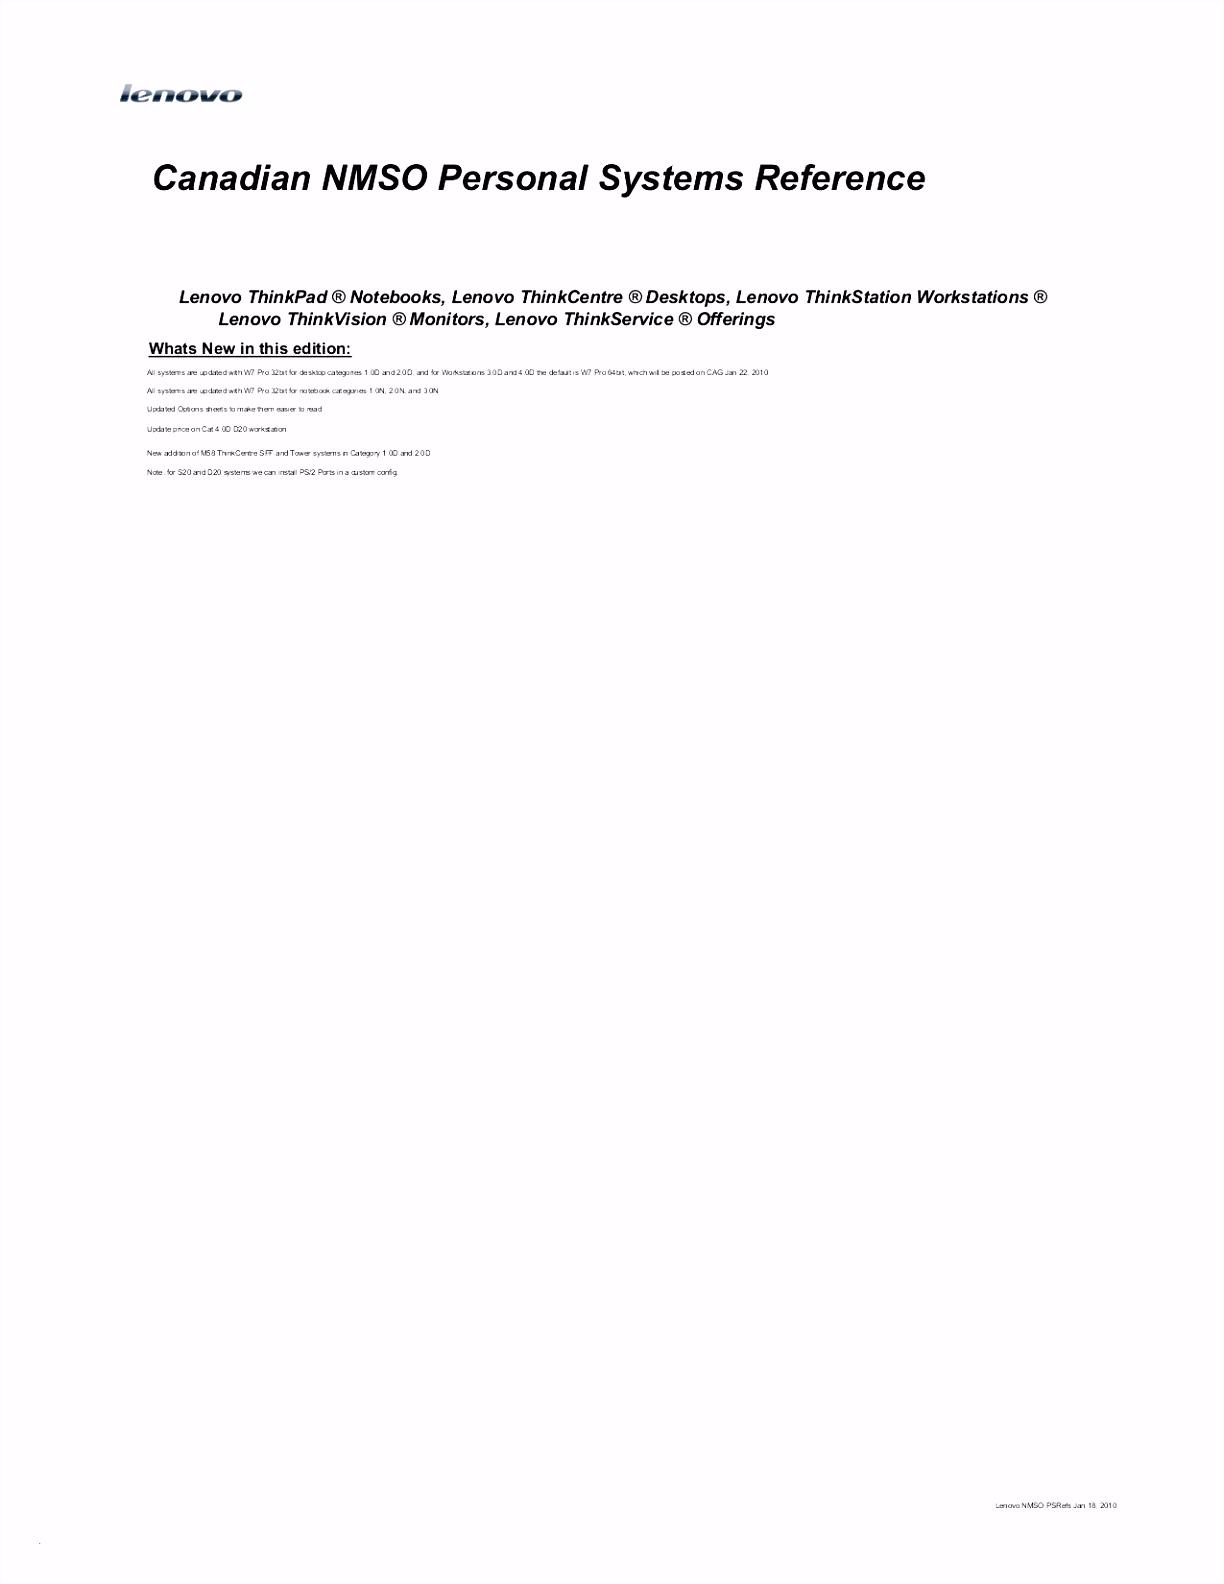 Sponsoring Anfrage Muster Modell Textfisch Bild Line Vom 08